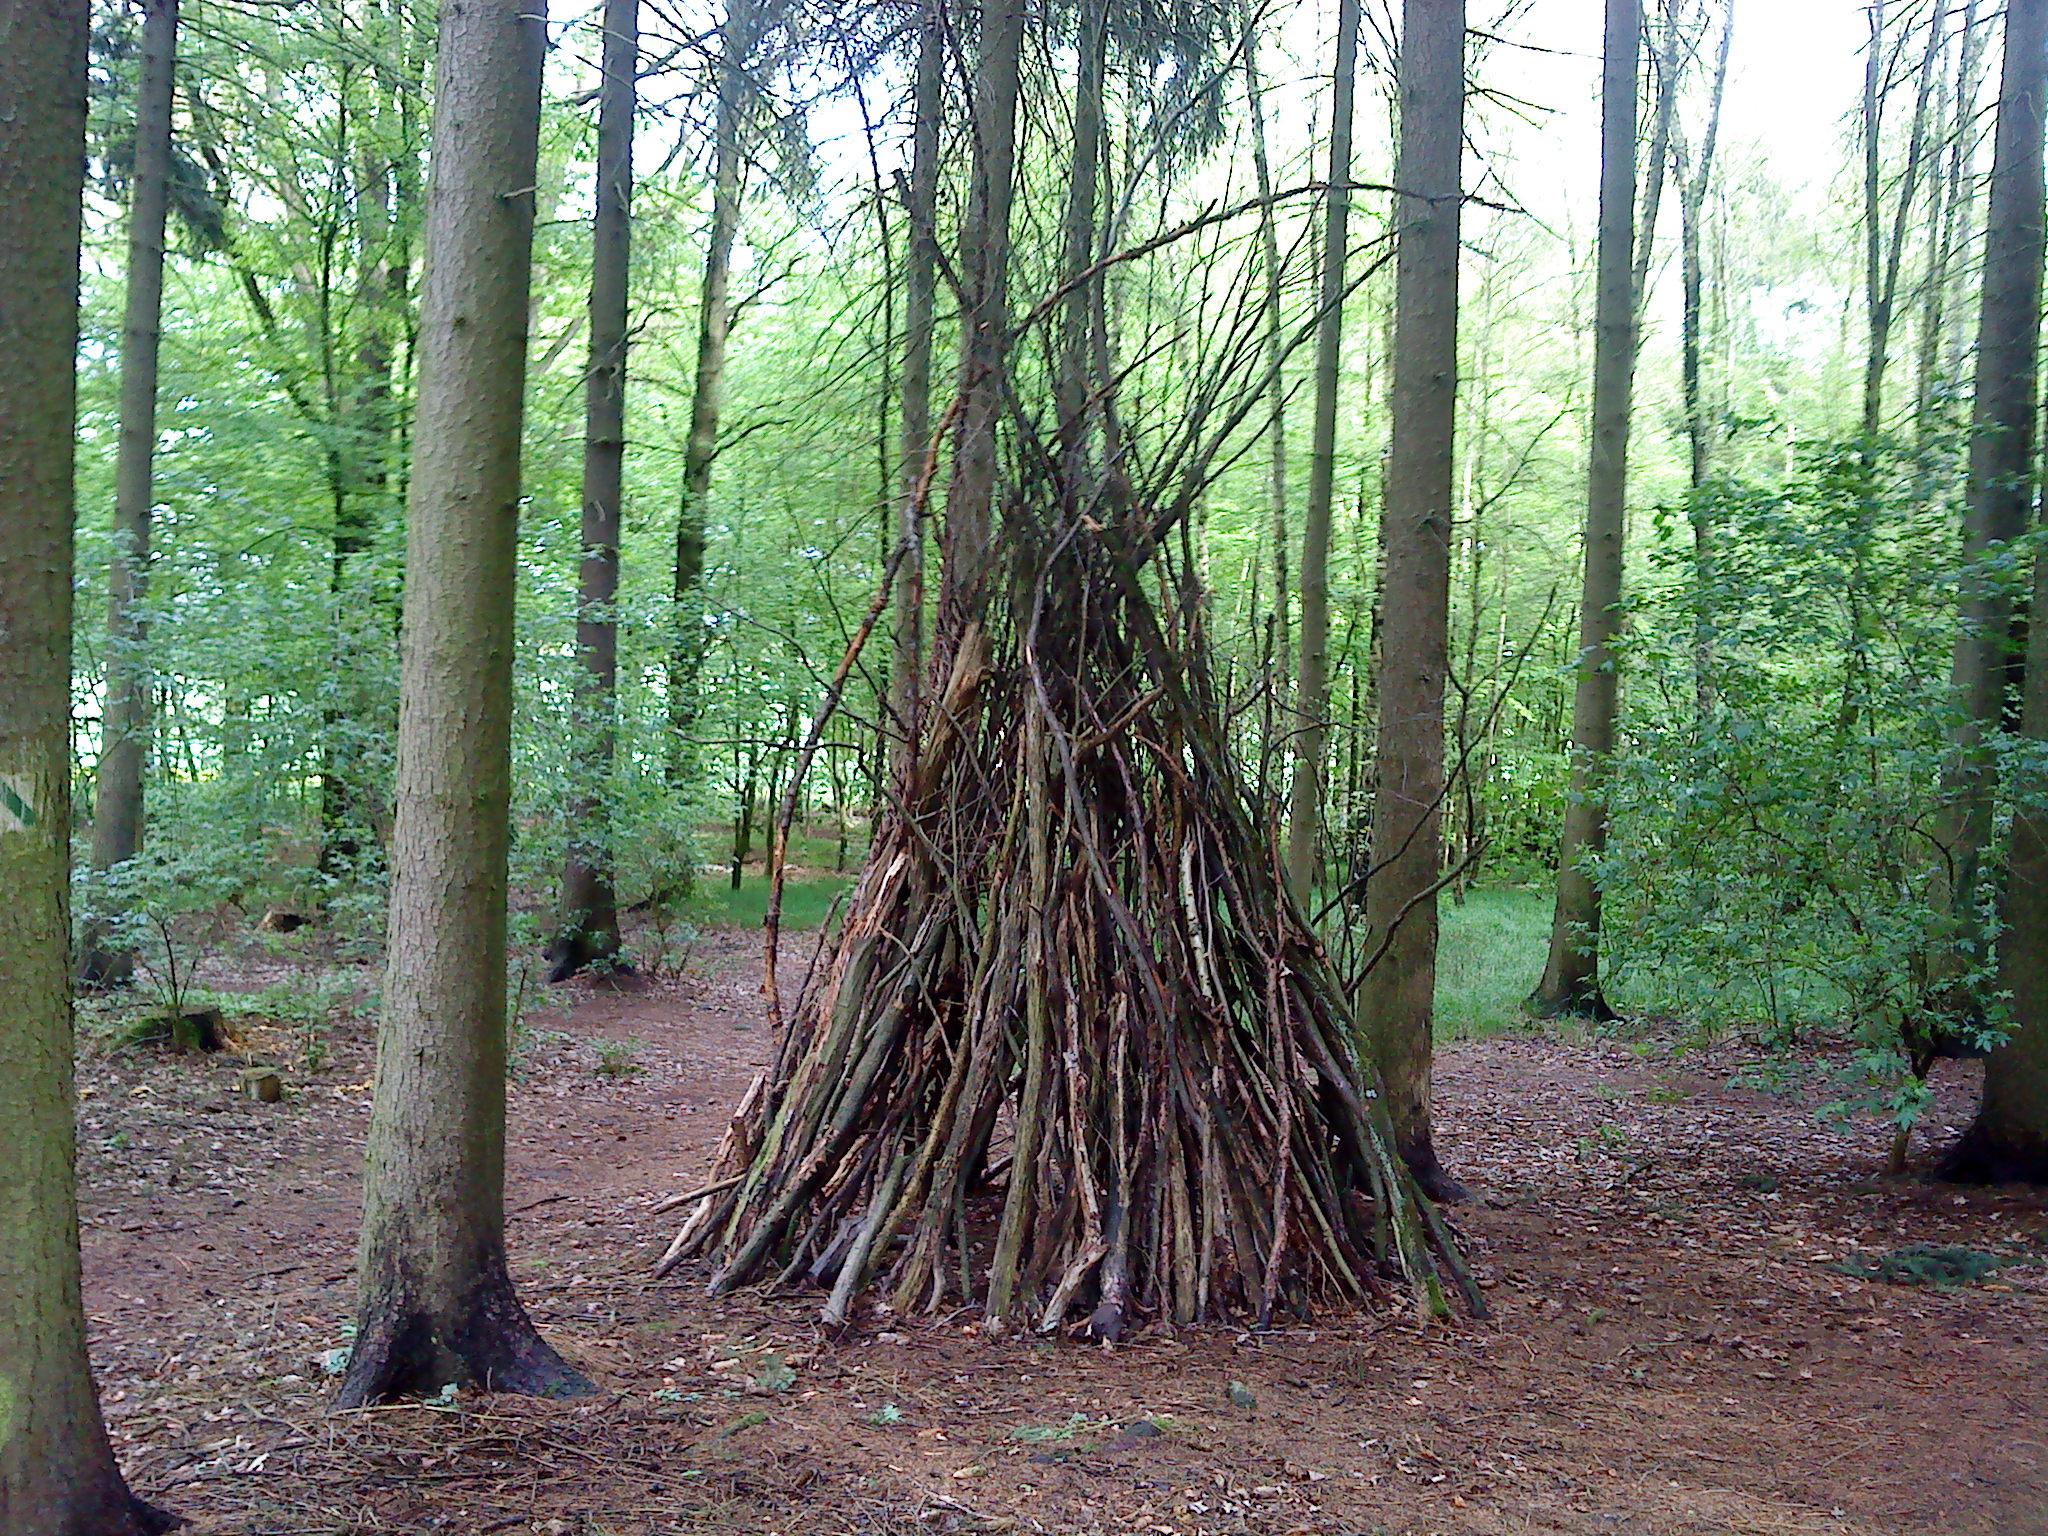 Obskure Holzhaufen Im Wald